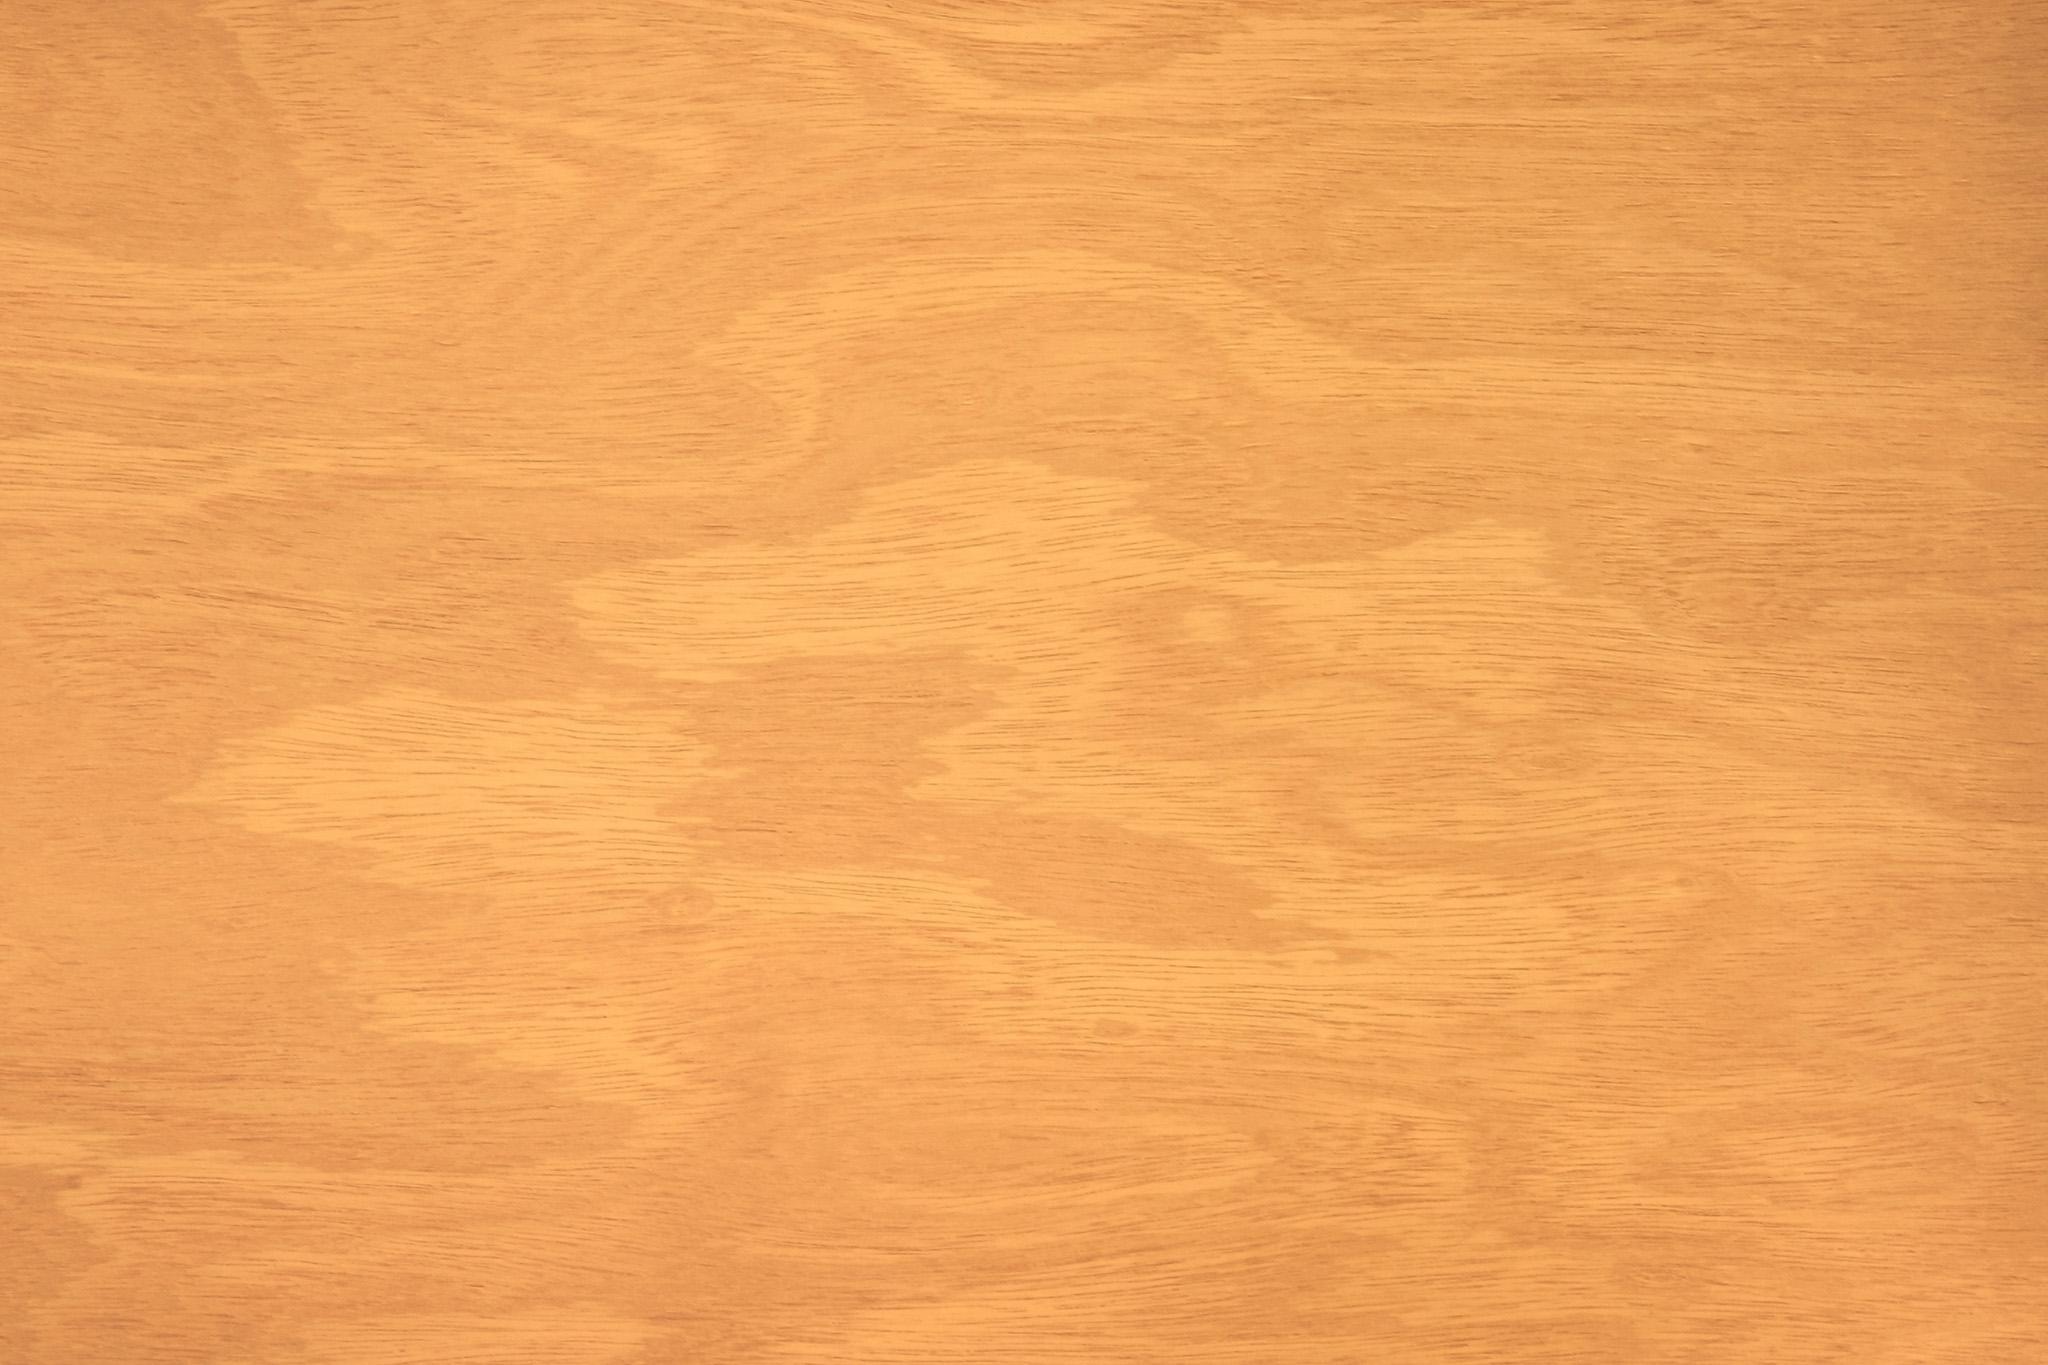 木の木目イメージ